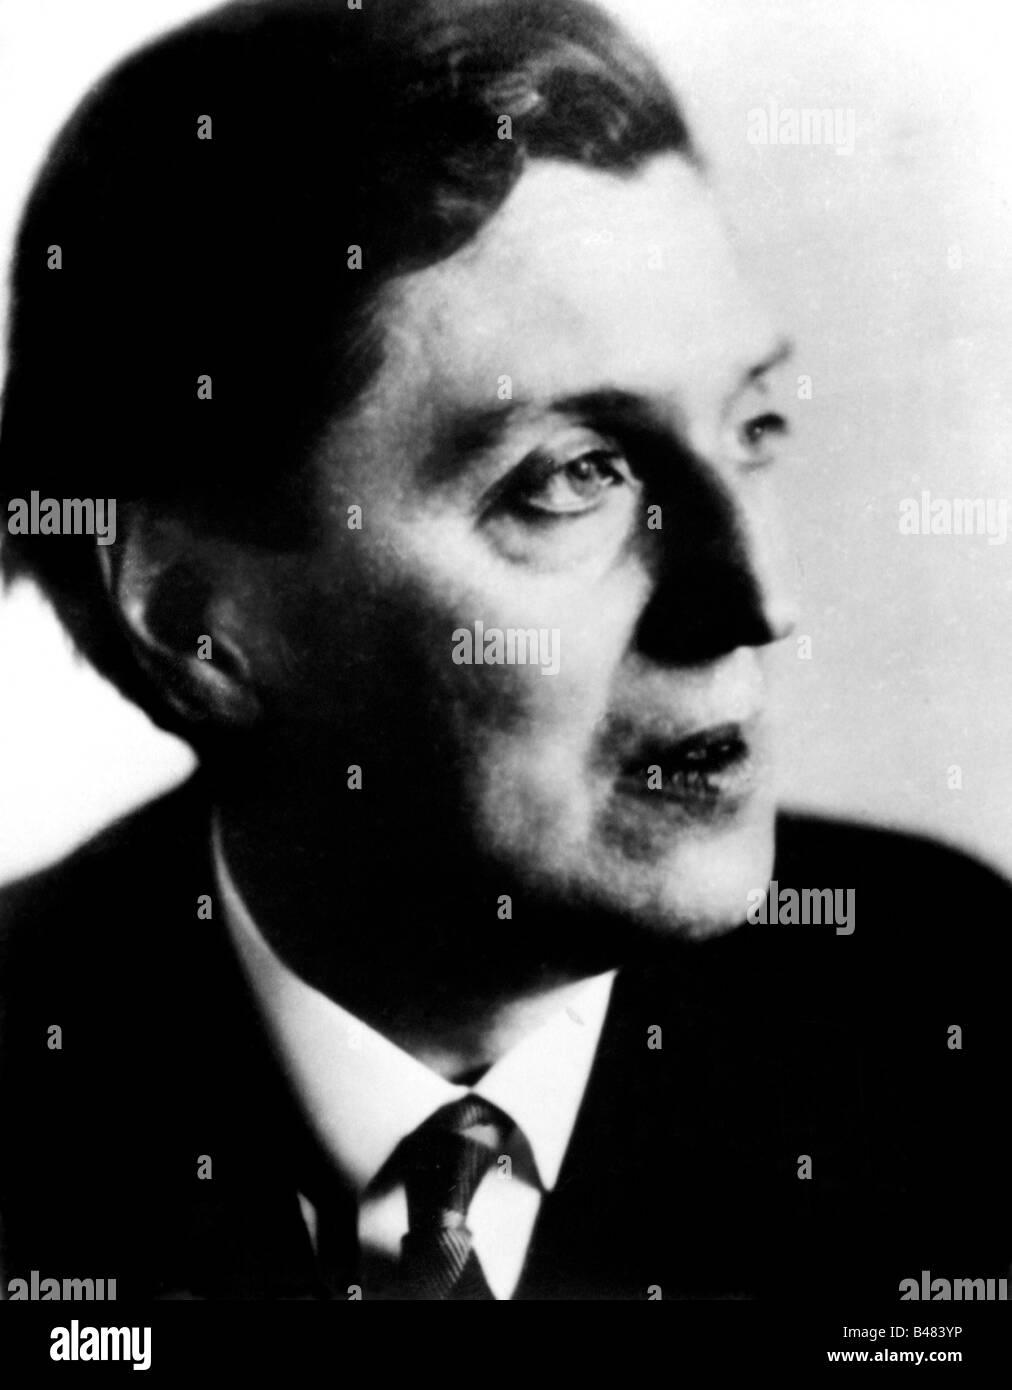 Berg, Alban, 9.2.1885 - 24.12. 1935, Österreichischer Komponist, Porträt,, Additional-Rights-Spiel-NA Stockbild